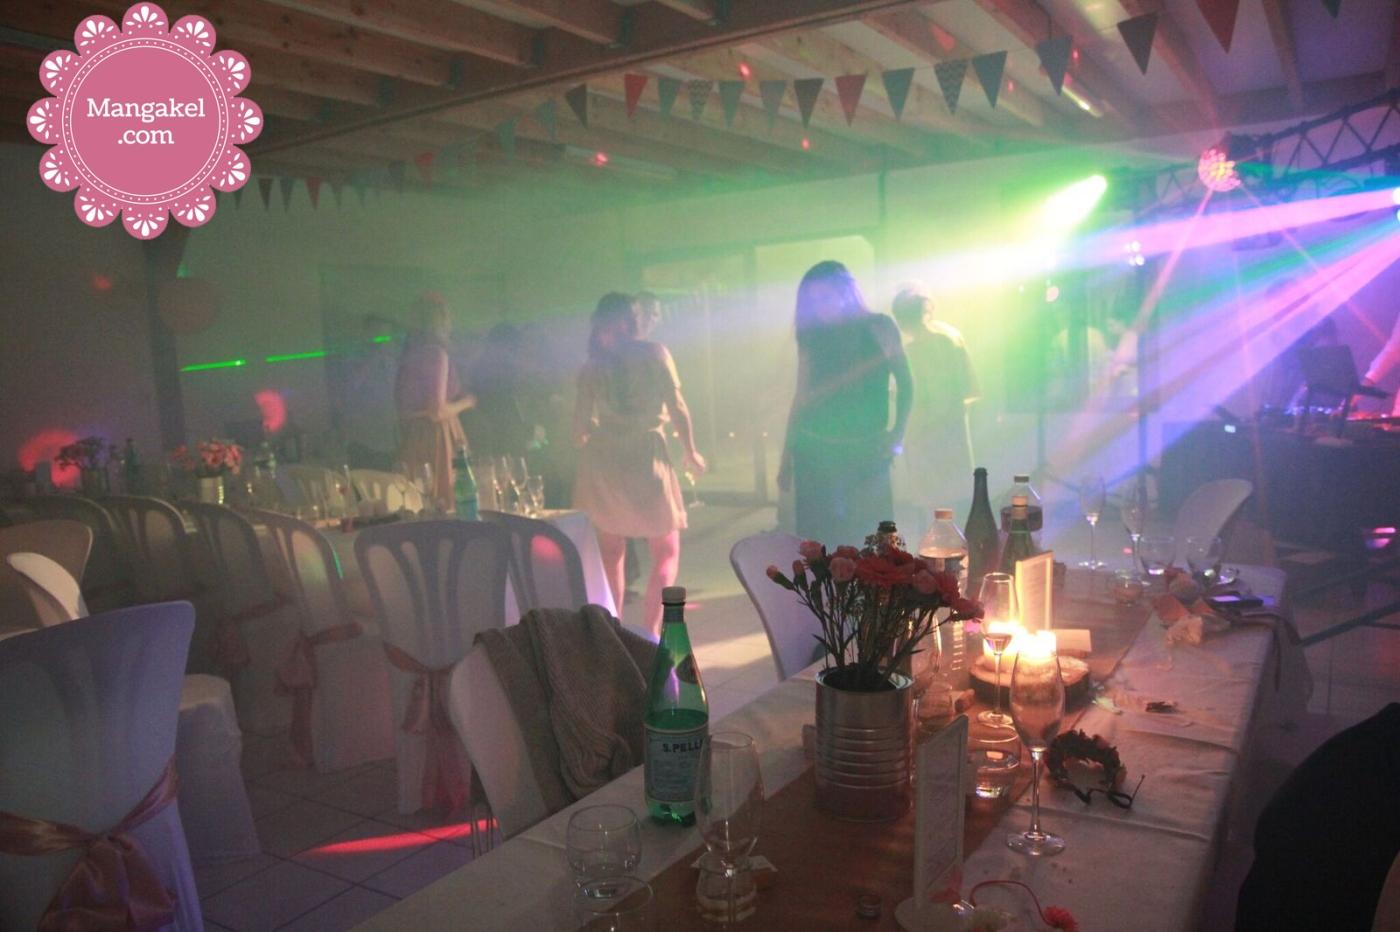 Phoenix Event, Touraine Loire Valley, Mariage, Mangakel